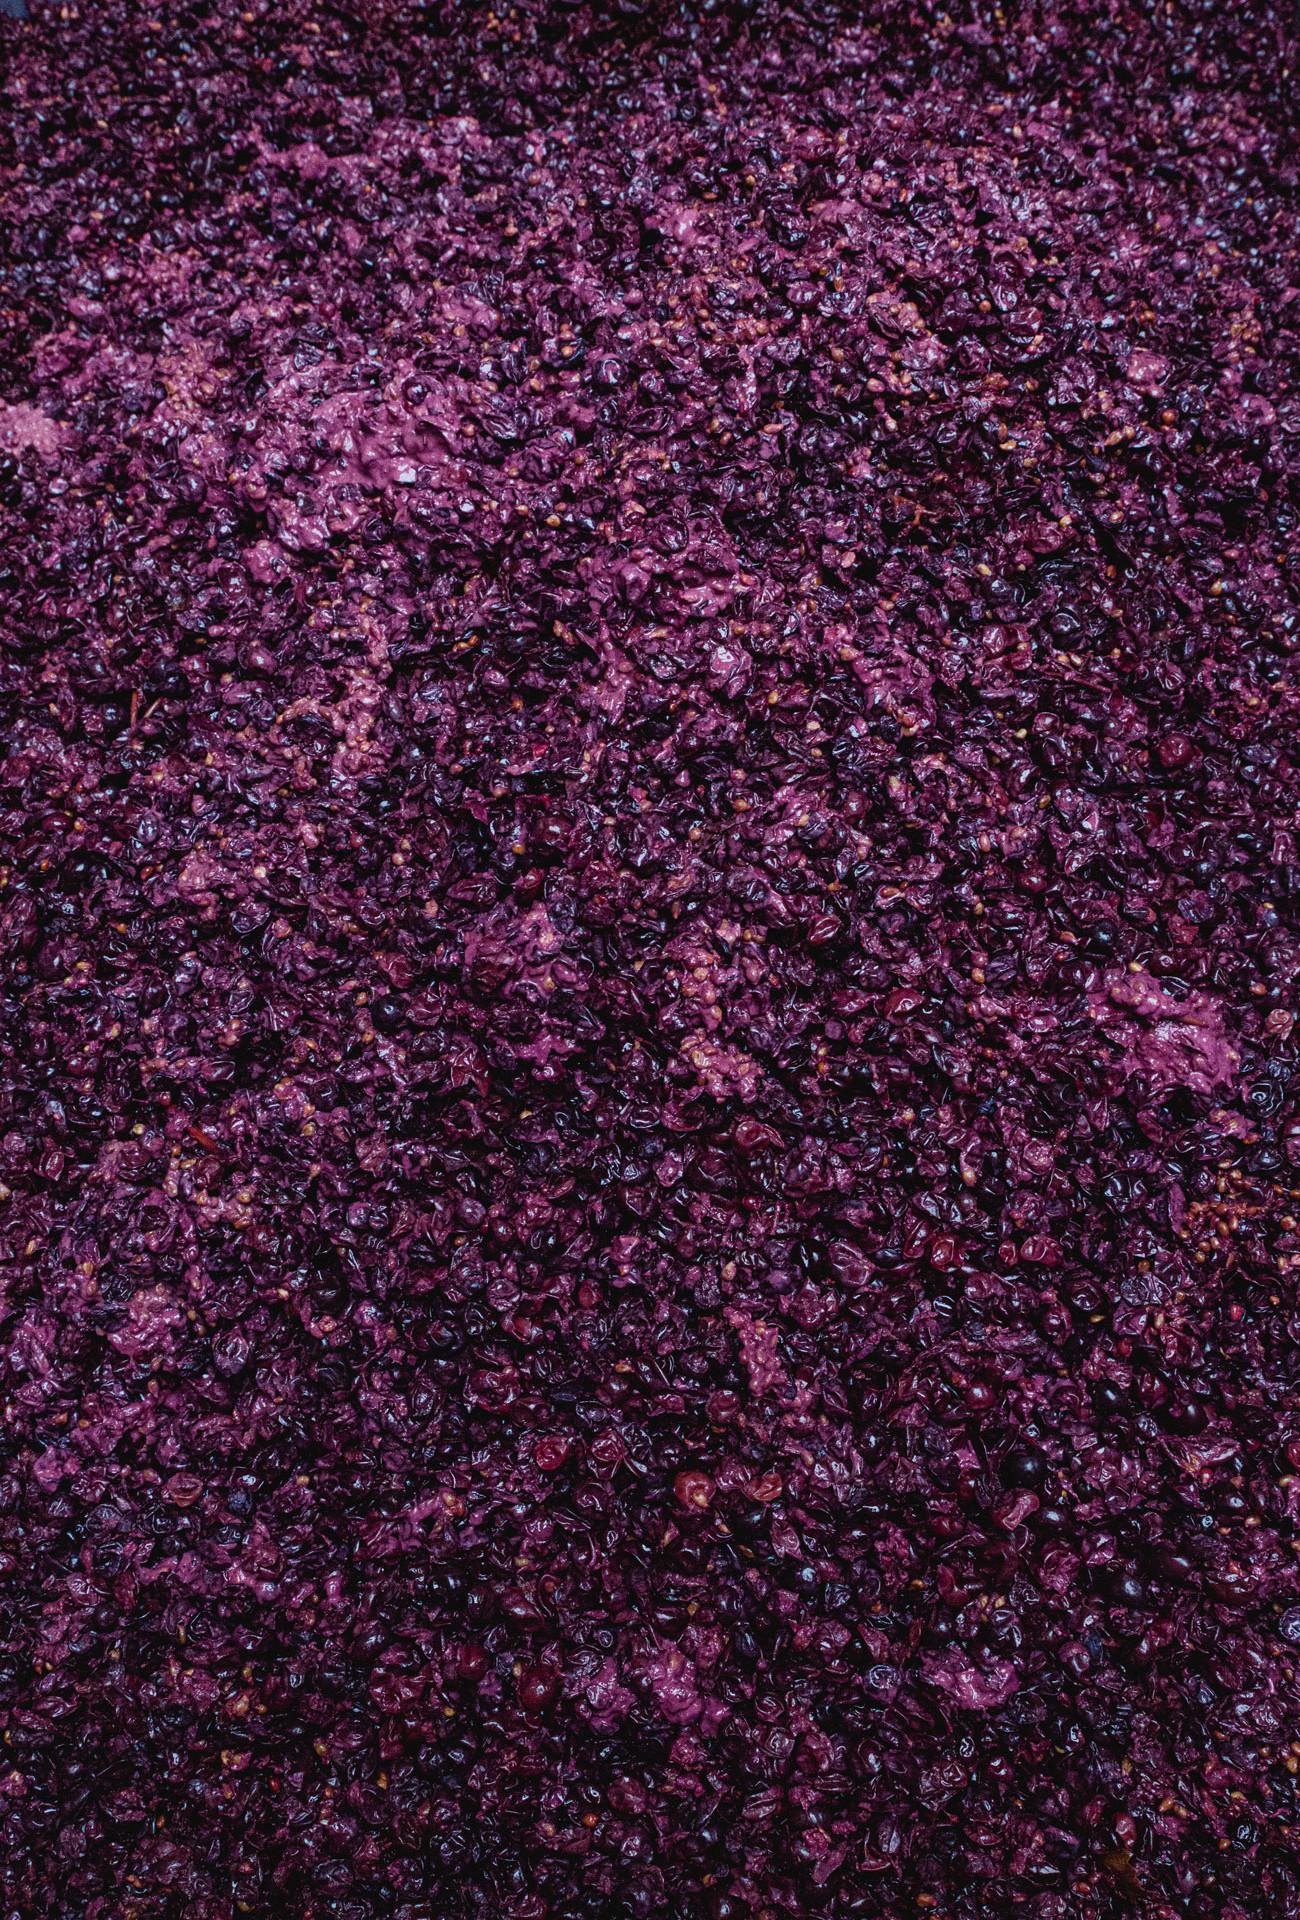 Weinpresse-Weingut-Eppelmamnn-122.jpg